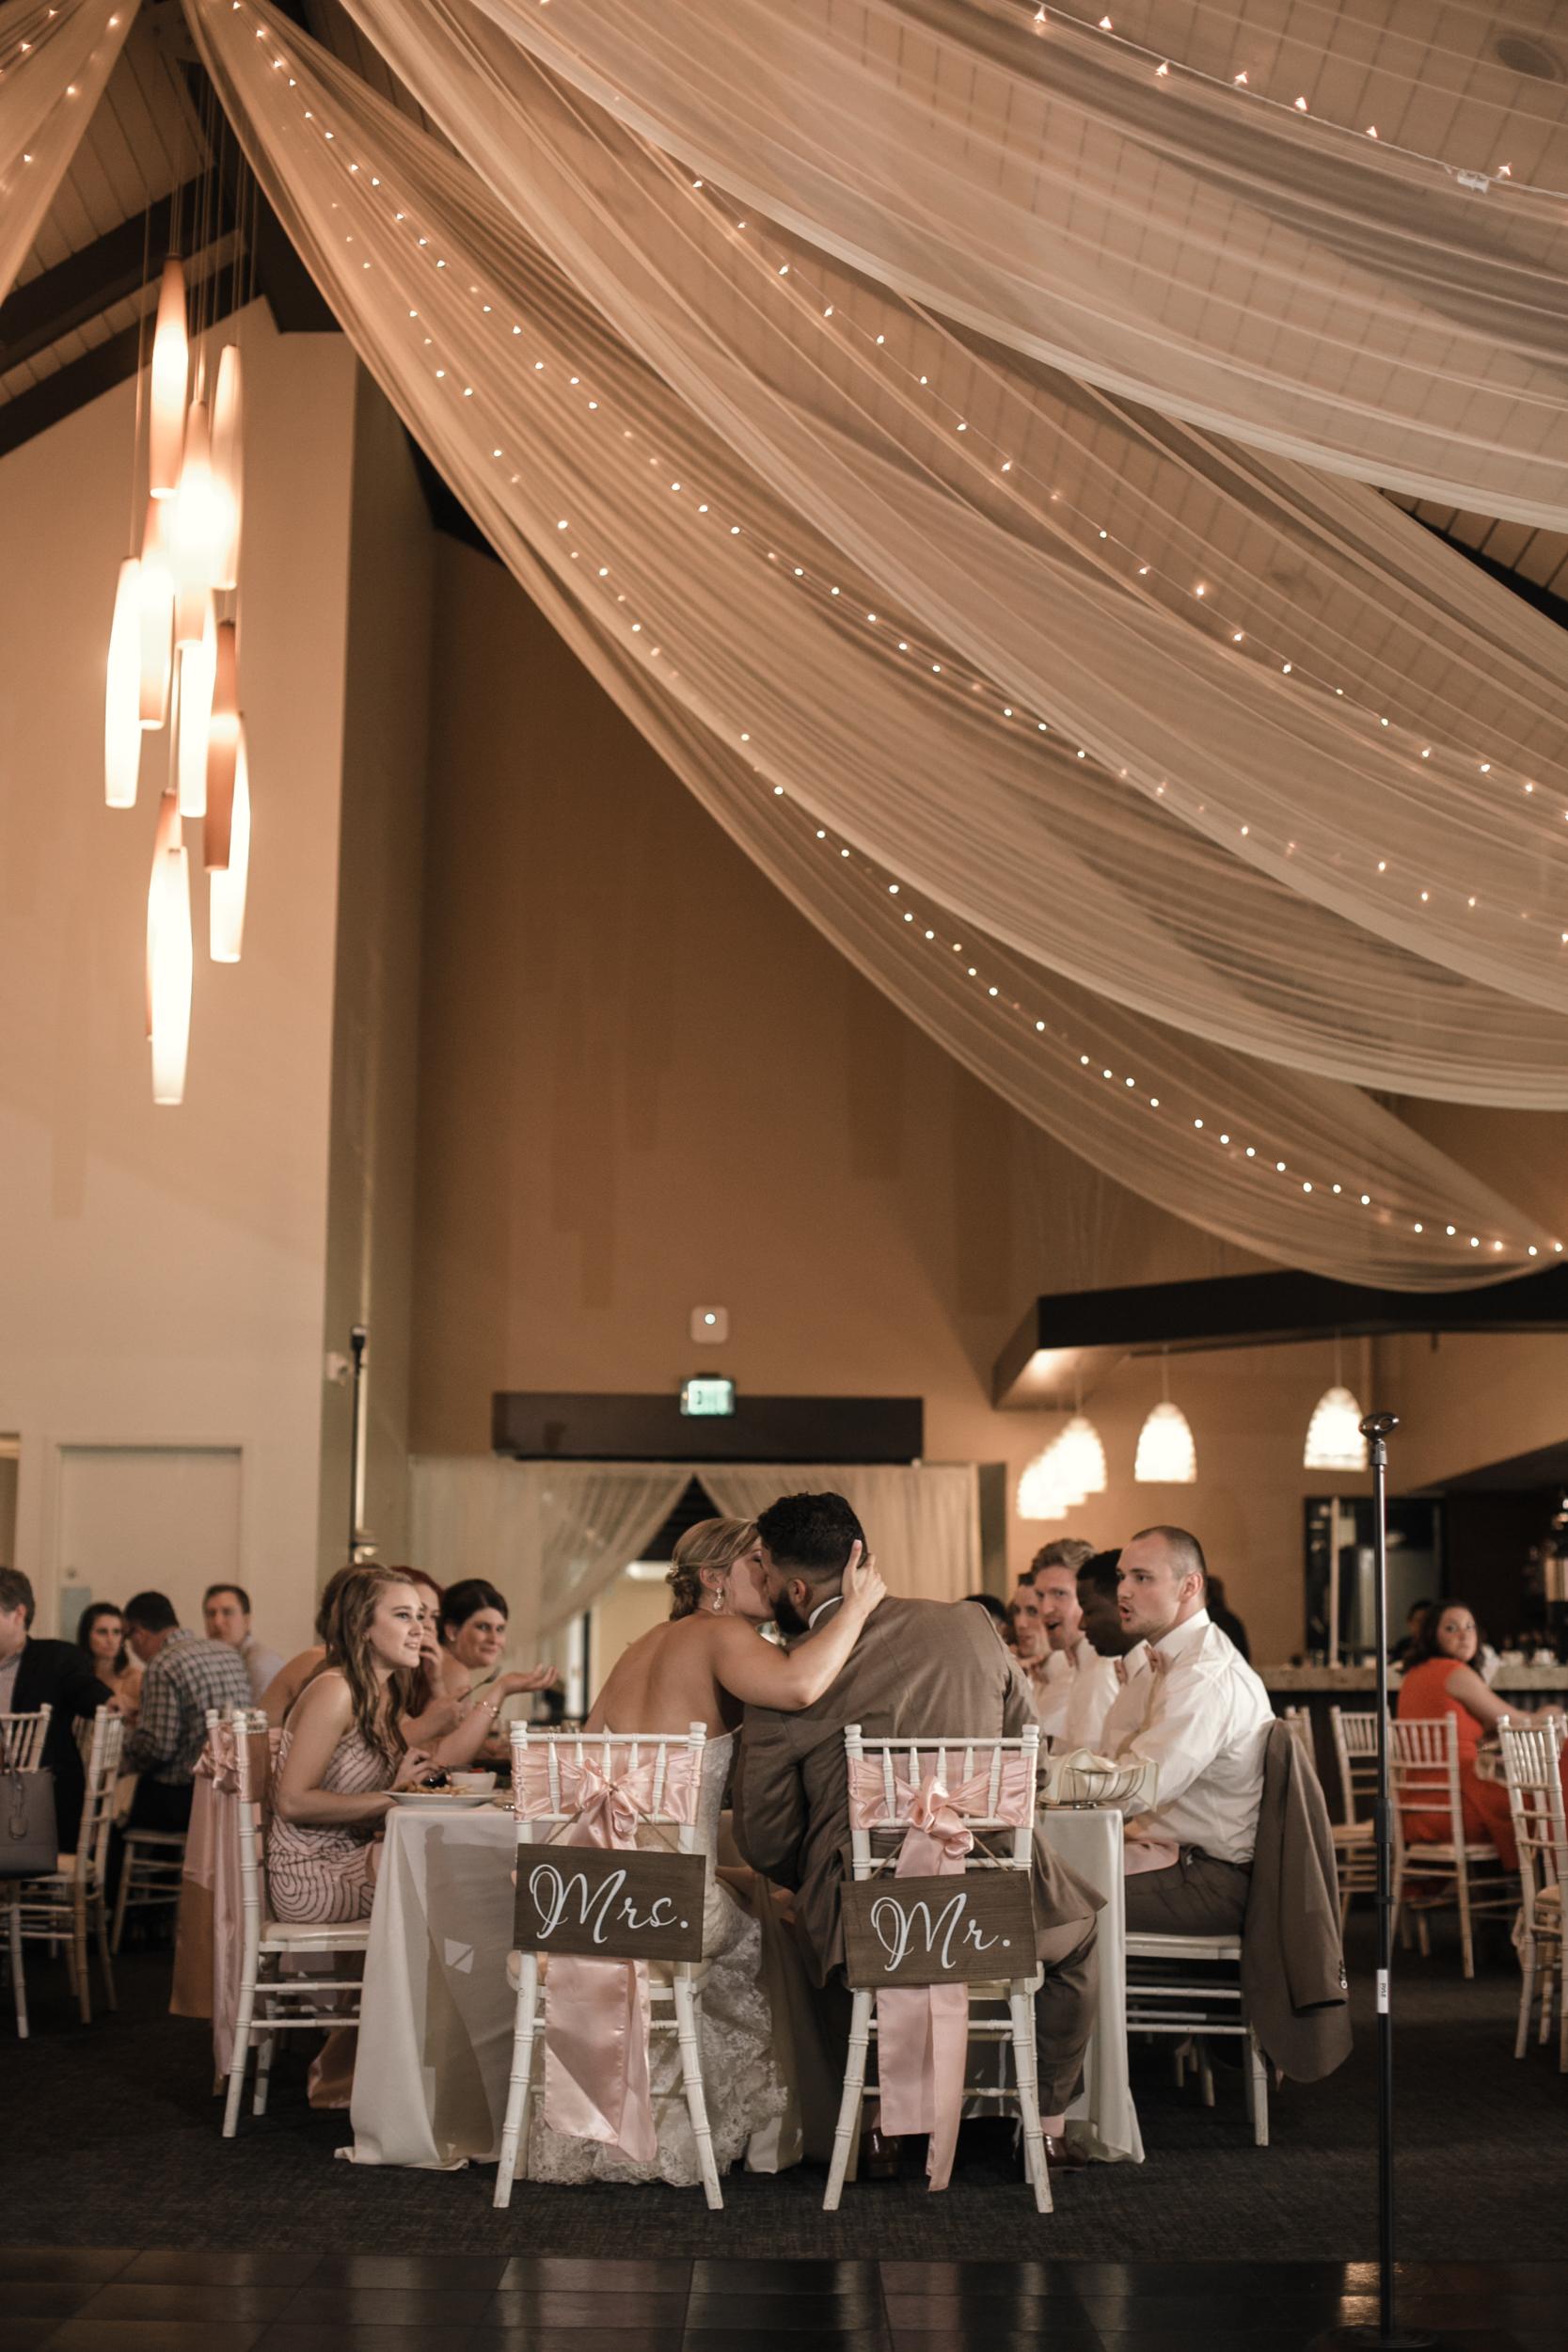 dellwood country club wedding*, Dellwood Country Club*, golf course wedding*, green golf course*, rose pink wedding details*-www.rachelsmak.com65.jpg